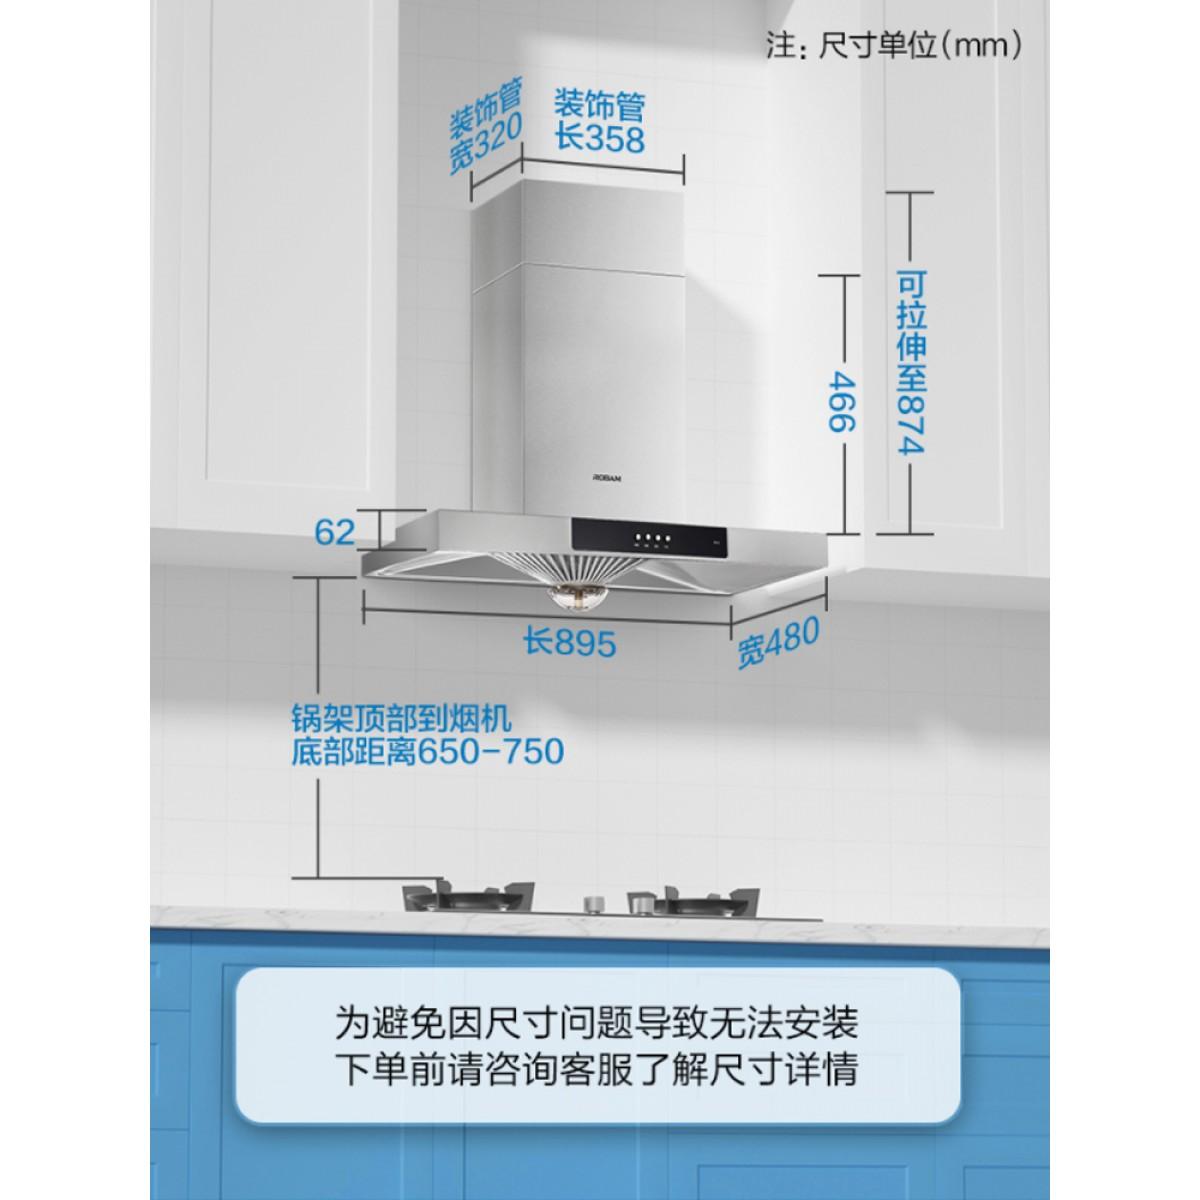 老板(Robam) 欧式大吸力顶吸式厨房家用抽油烟机单品 60X3